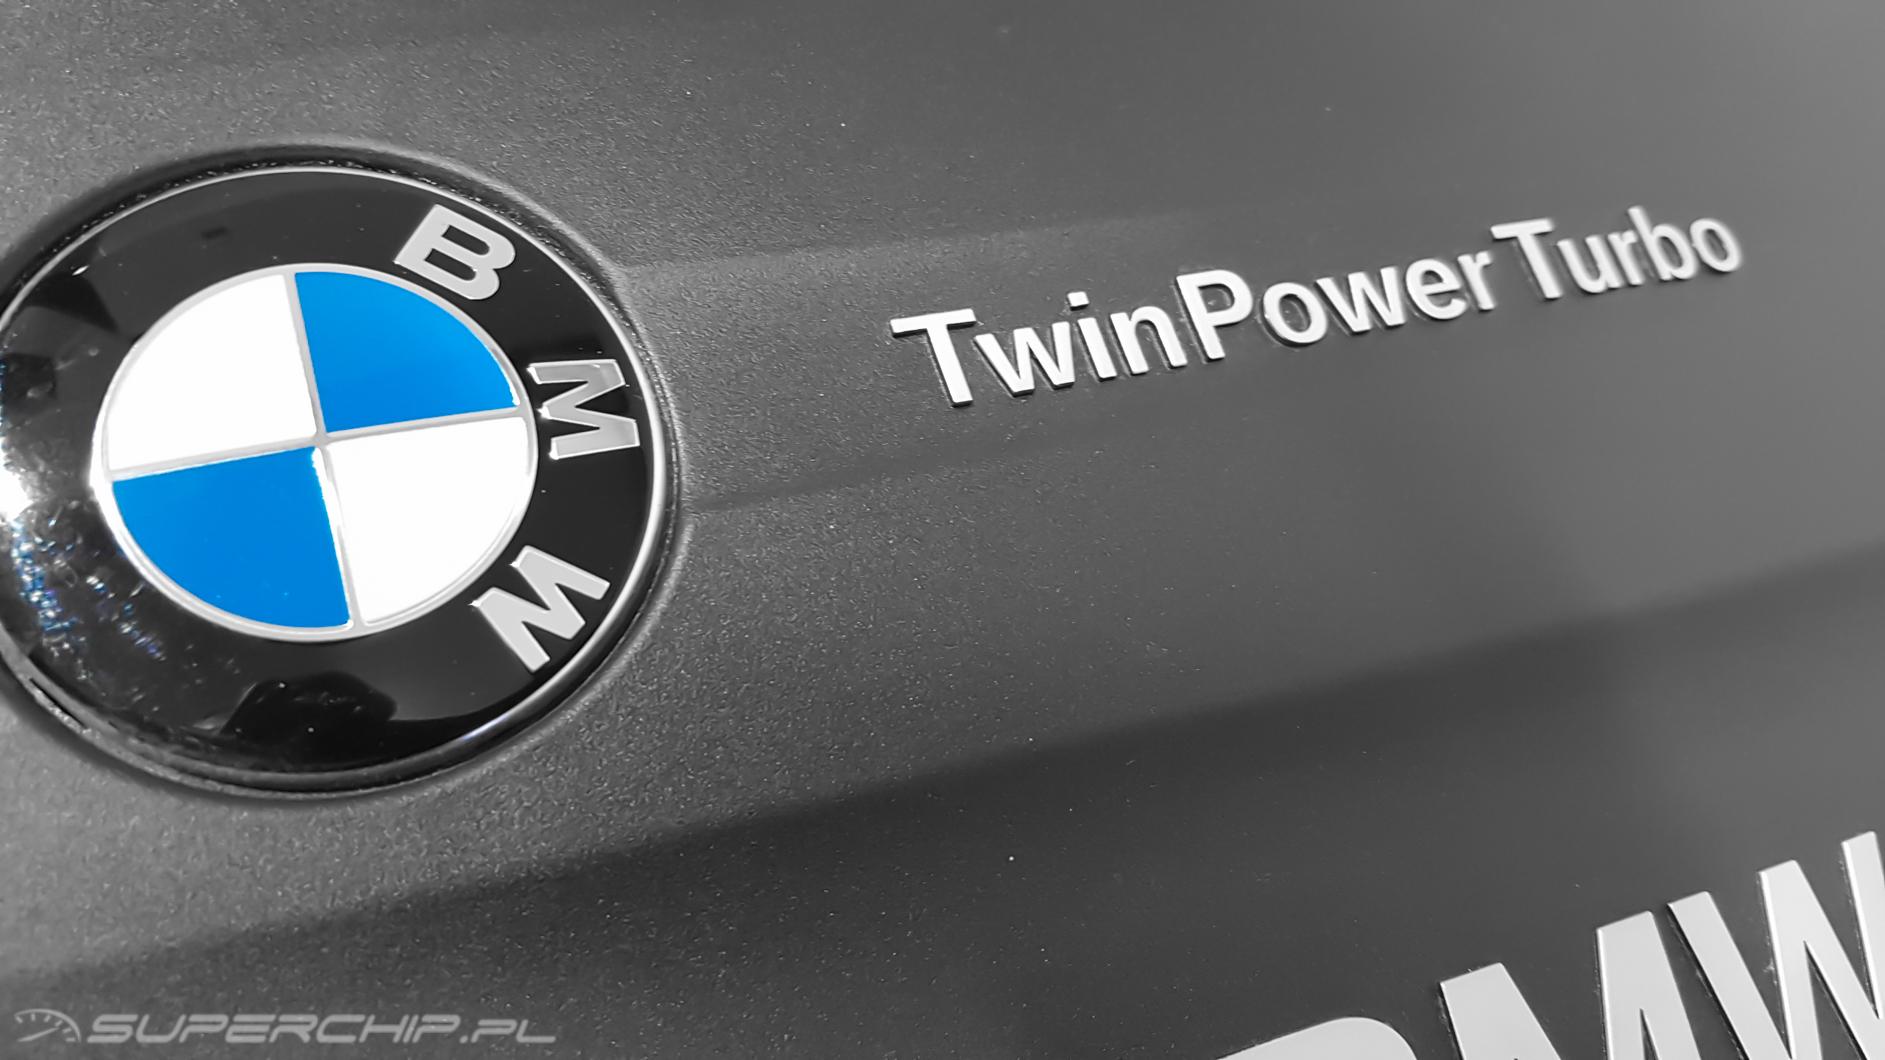 Power box BMW X4 20d 190 KM 140 kW